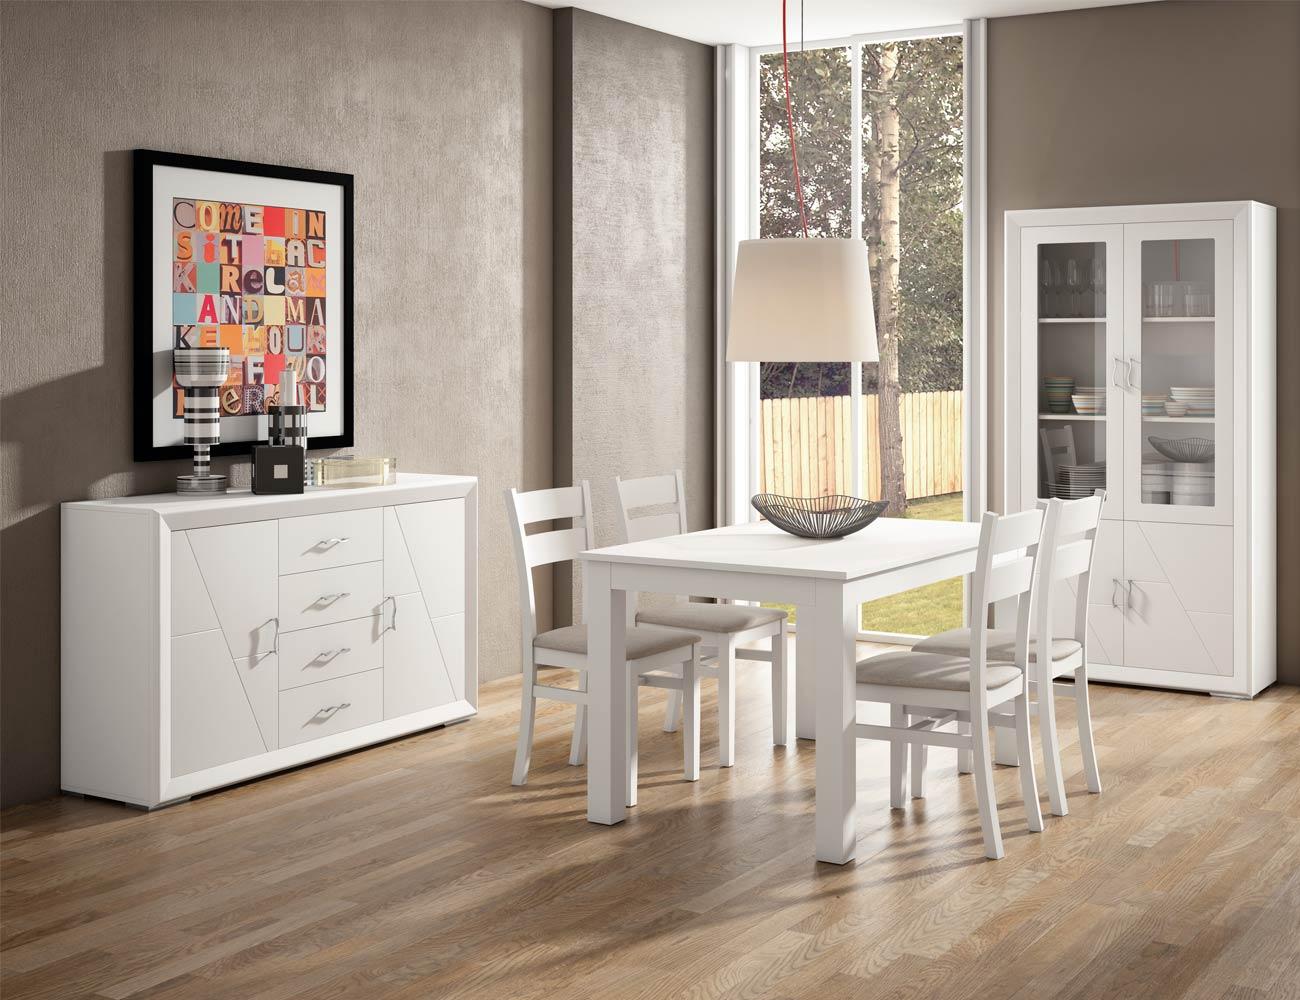 Mueble vitrina 2 puertas en madera en color blanco lacado - Mueble lacado blanco ...